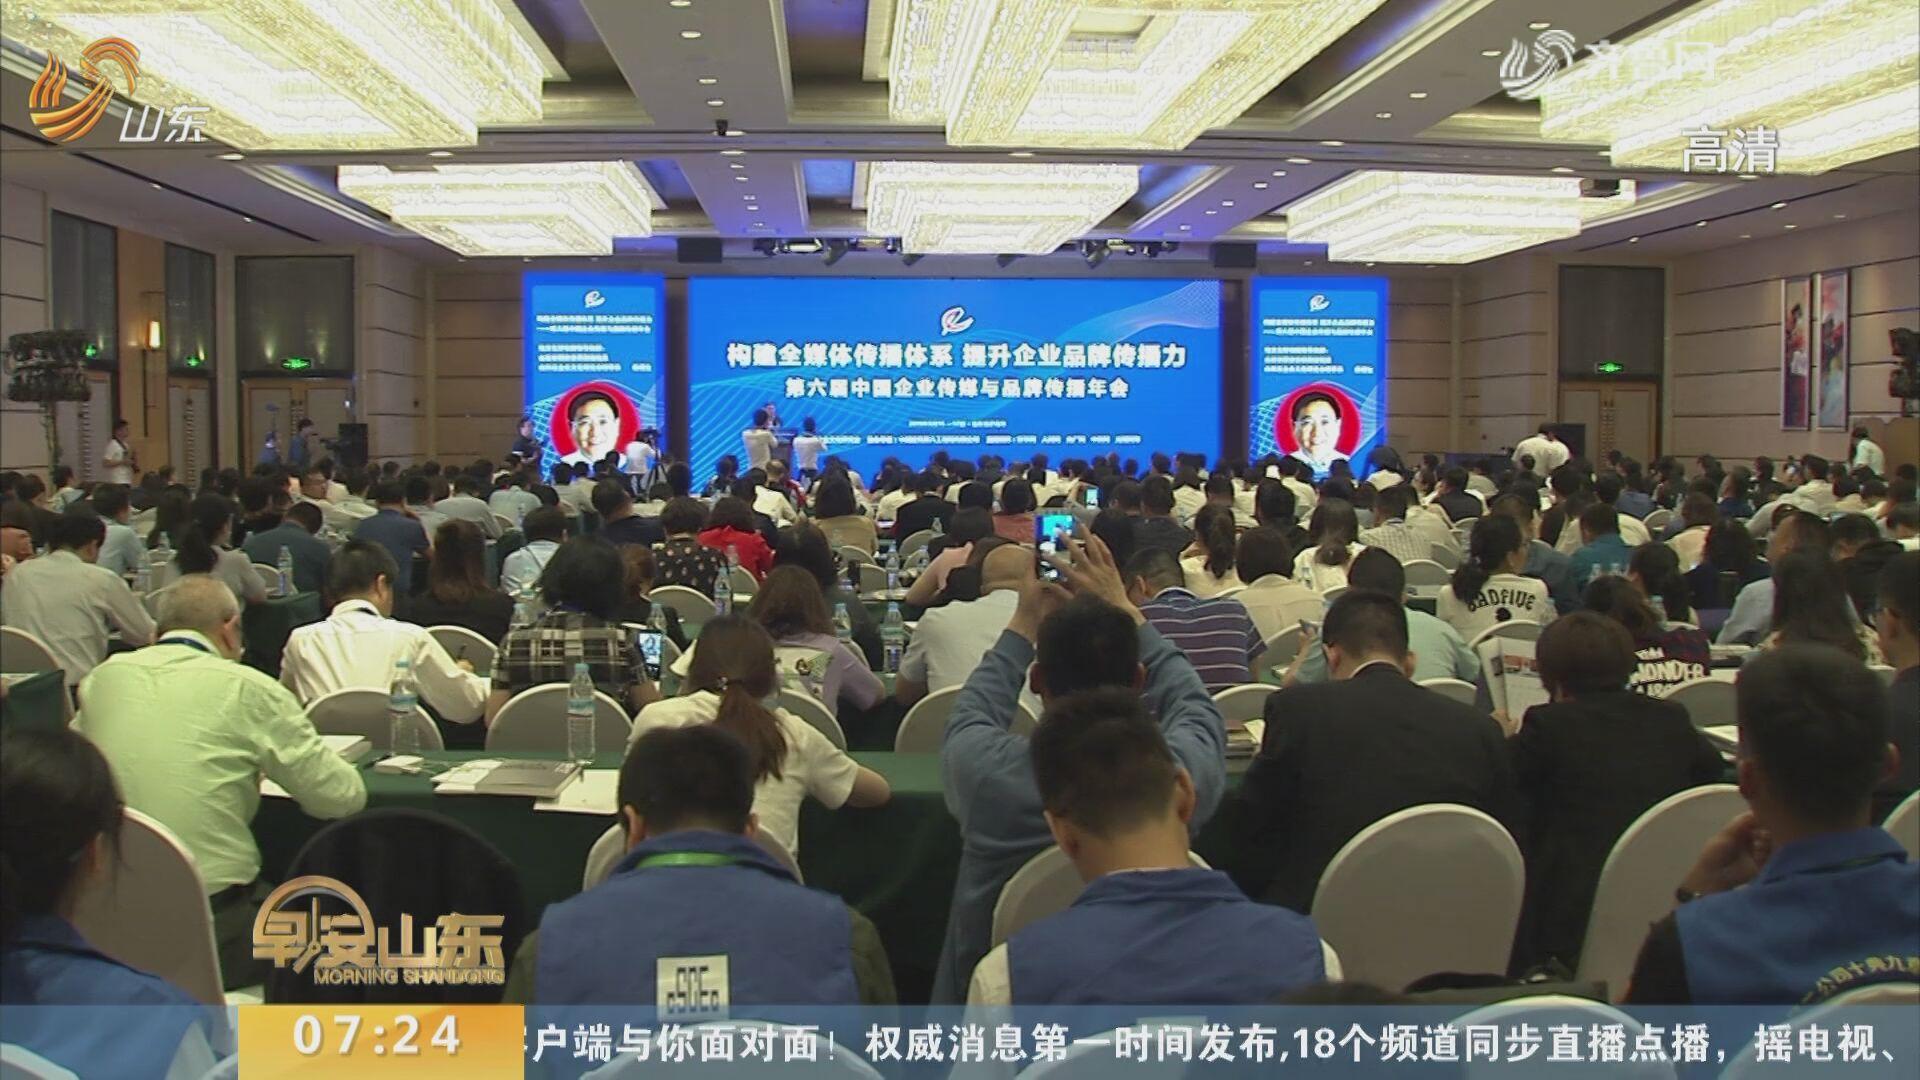 第六届中国企业传媒与品牌传播年会在济南举行